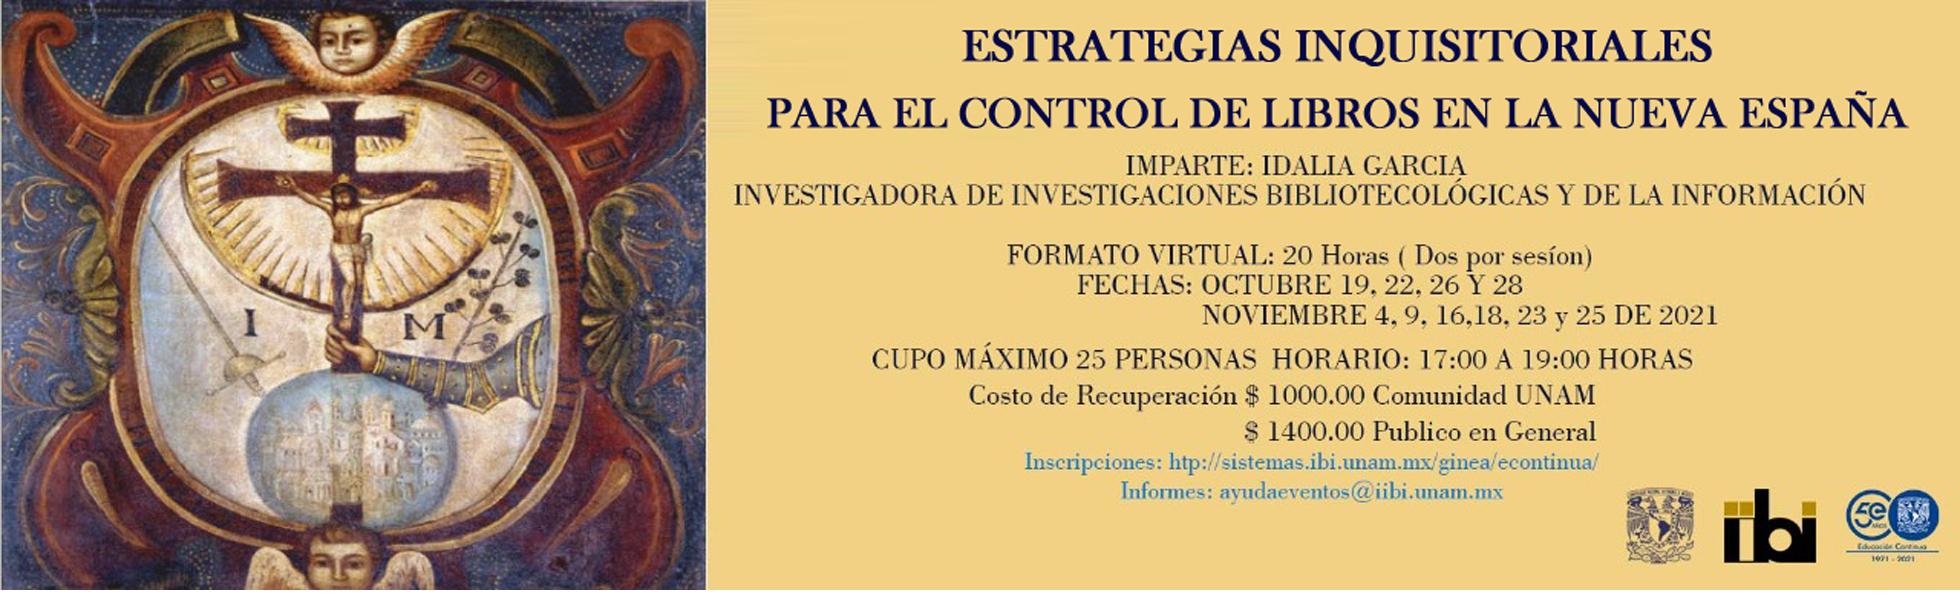 Curso: Estrategias Inquisitoriales para el control de libros en la Nueva España